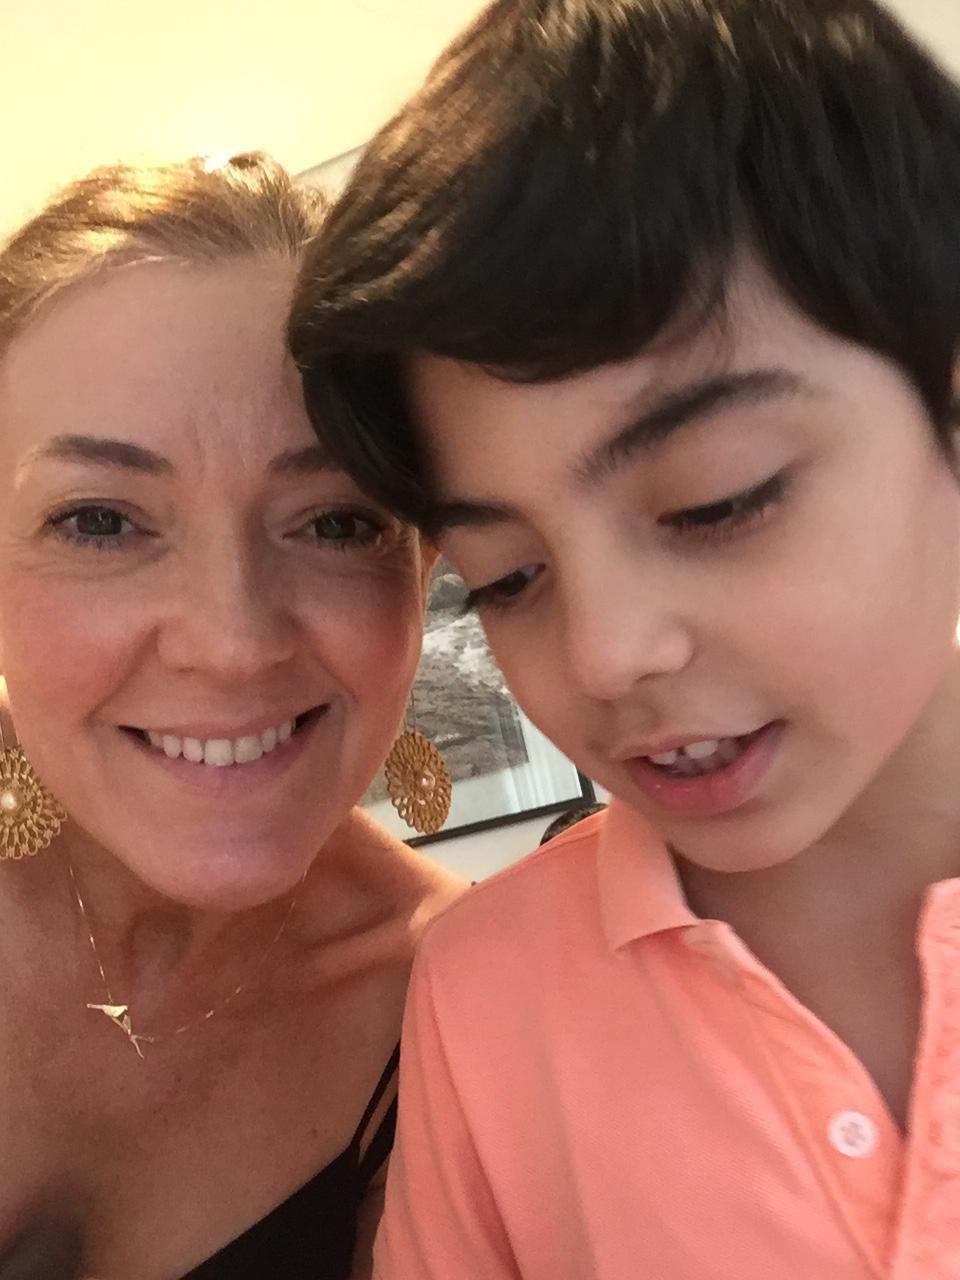 Dia das Mães - Mãe de filho com TEA (transtorno do espectro autista)